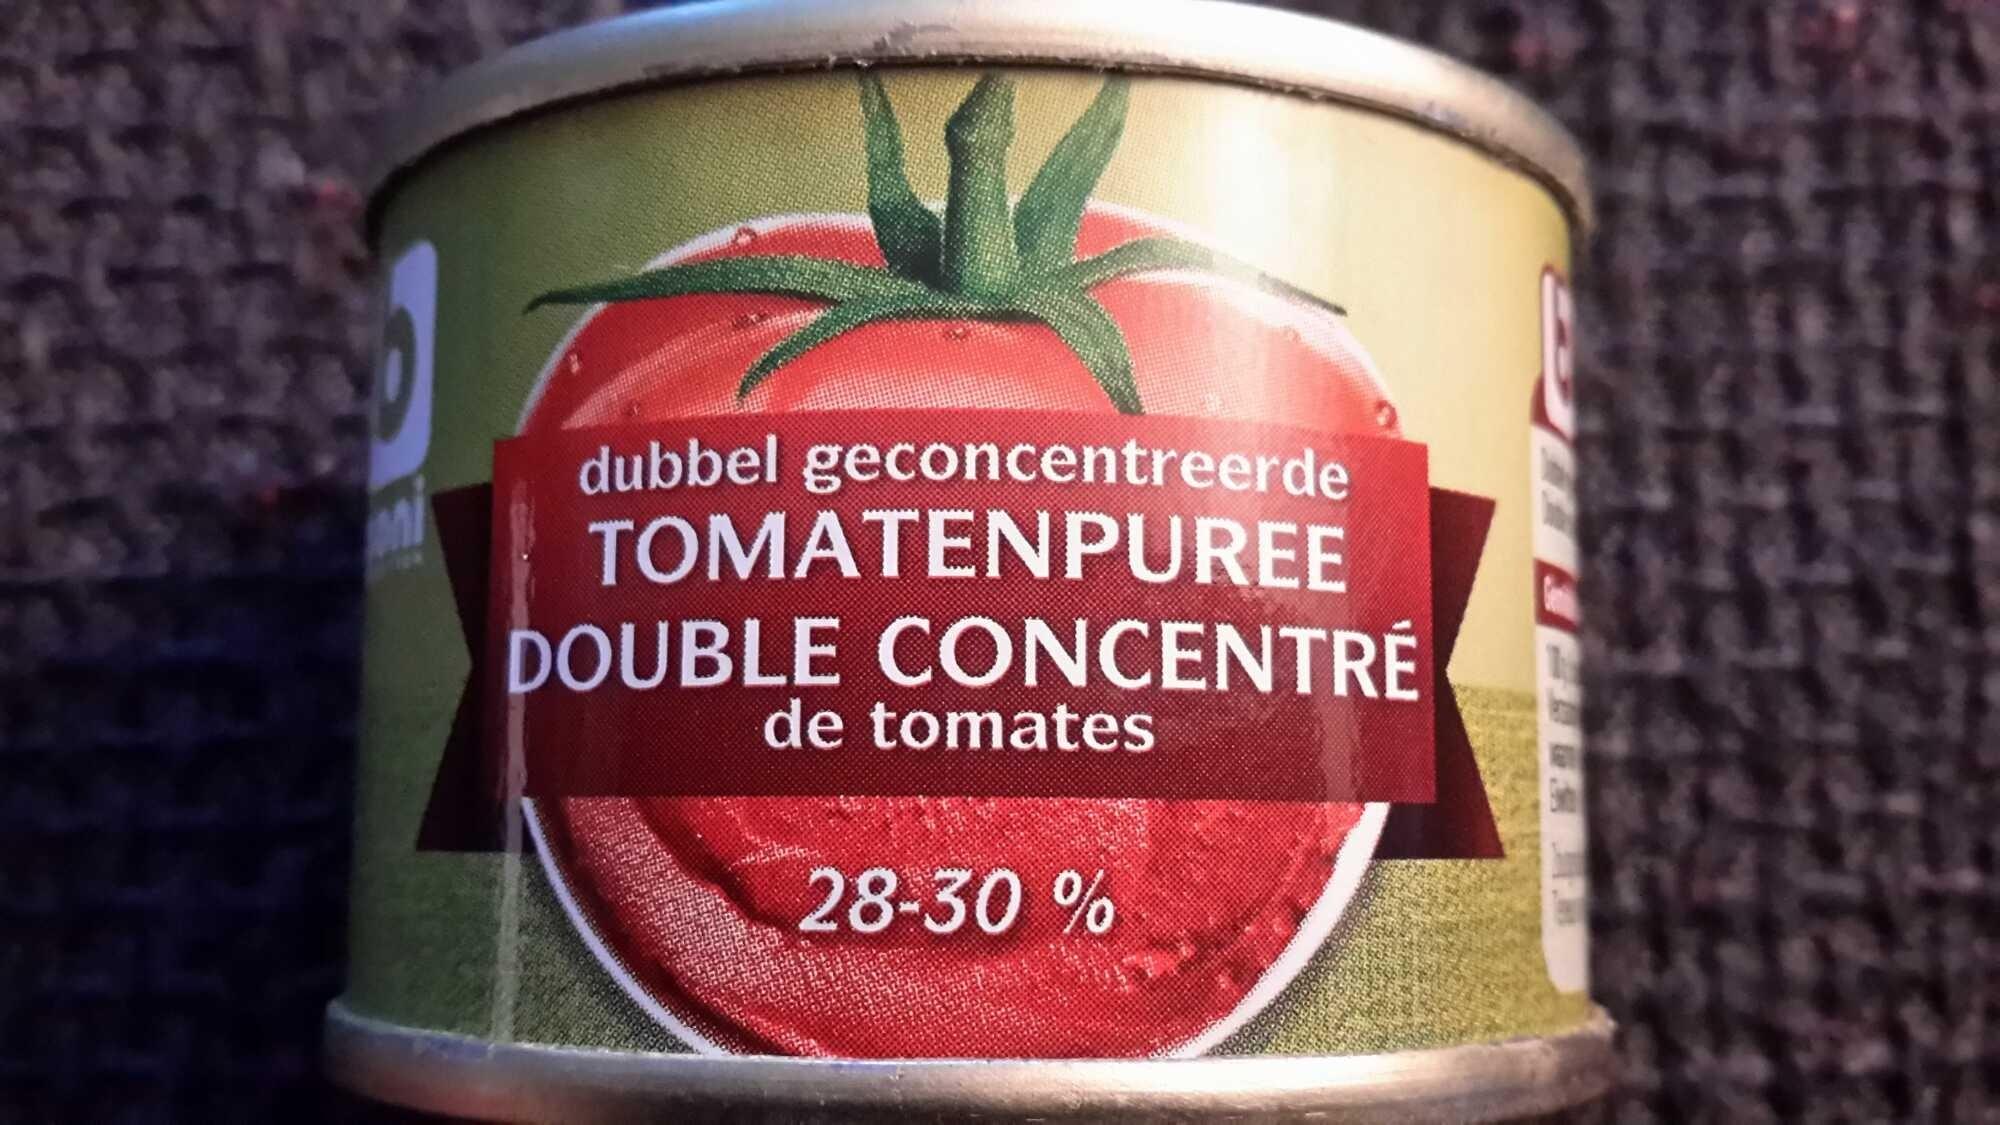 Double concentré de tomates - Produit - fr